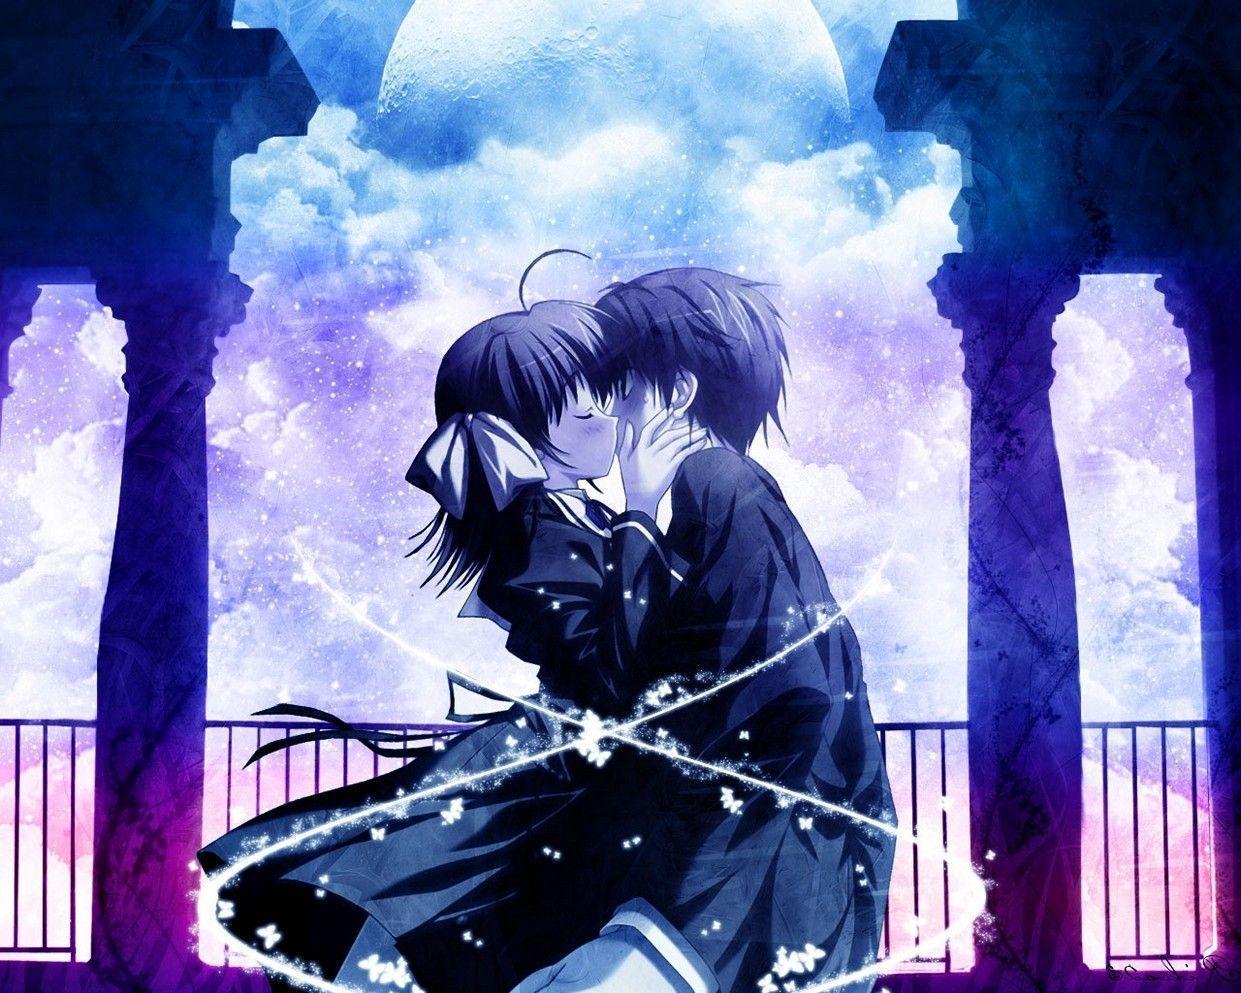 1241x993 Hình nền Anime dễ thương Boy And Girl